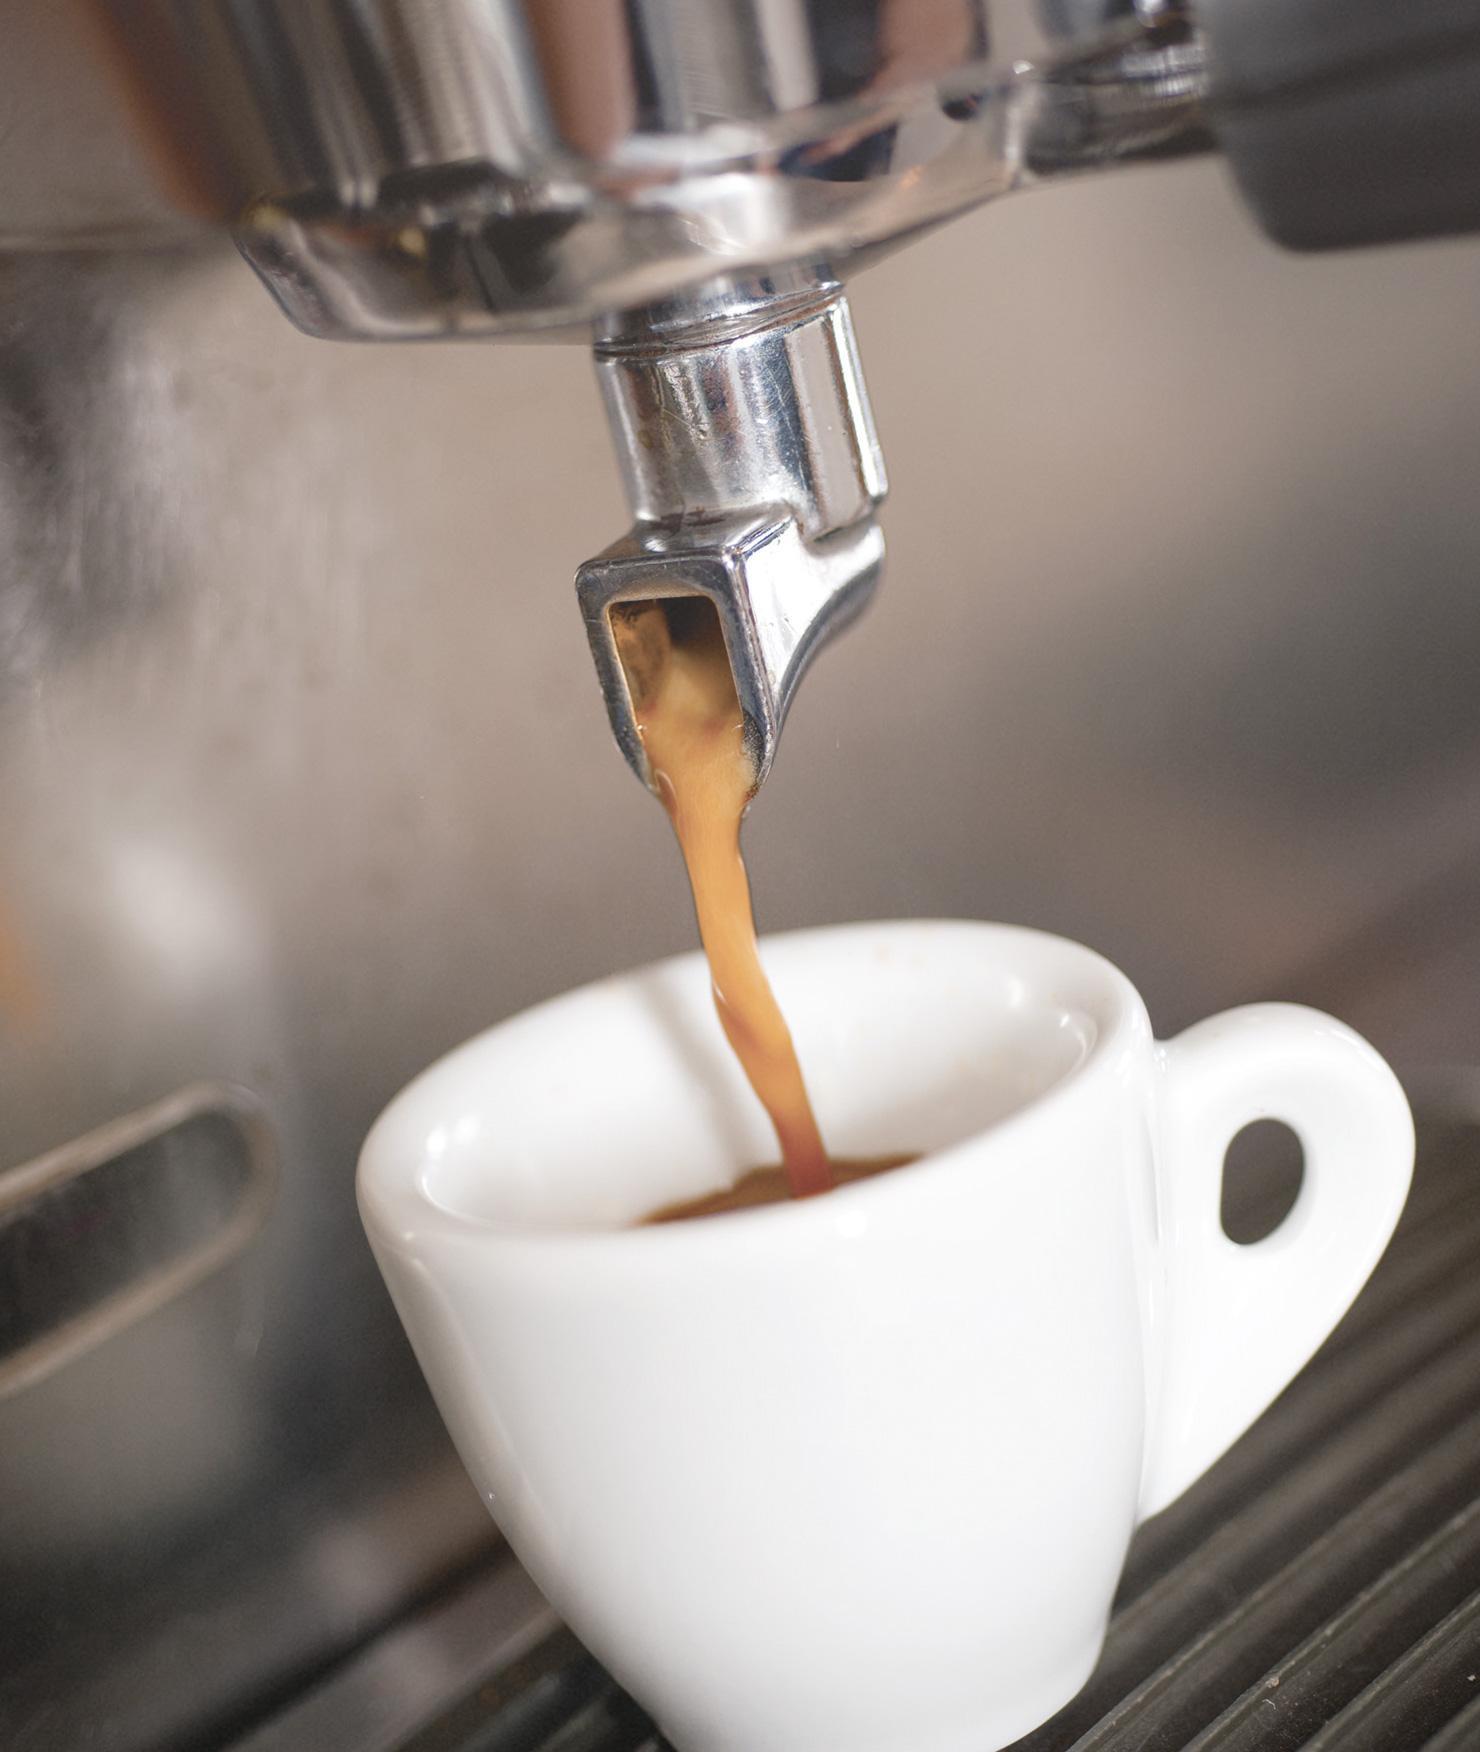 Filtre BRITA PURITY Fresh C50 préparation café